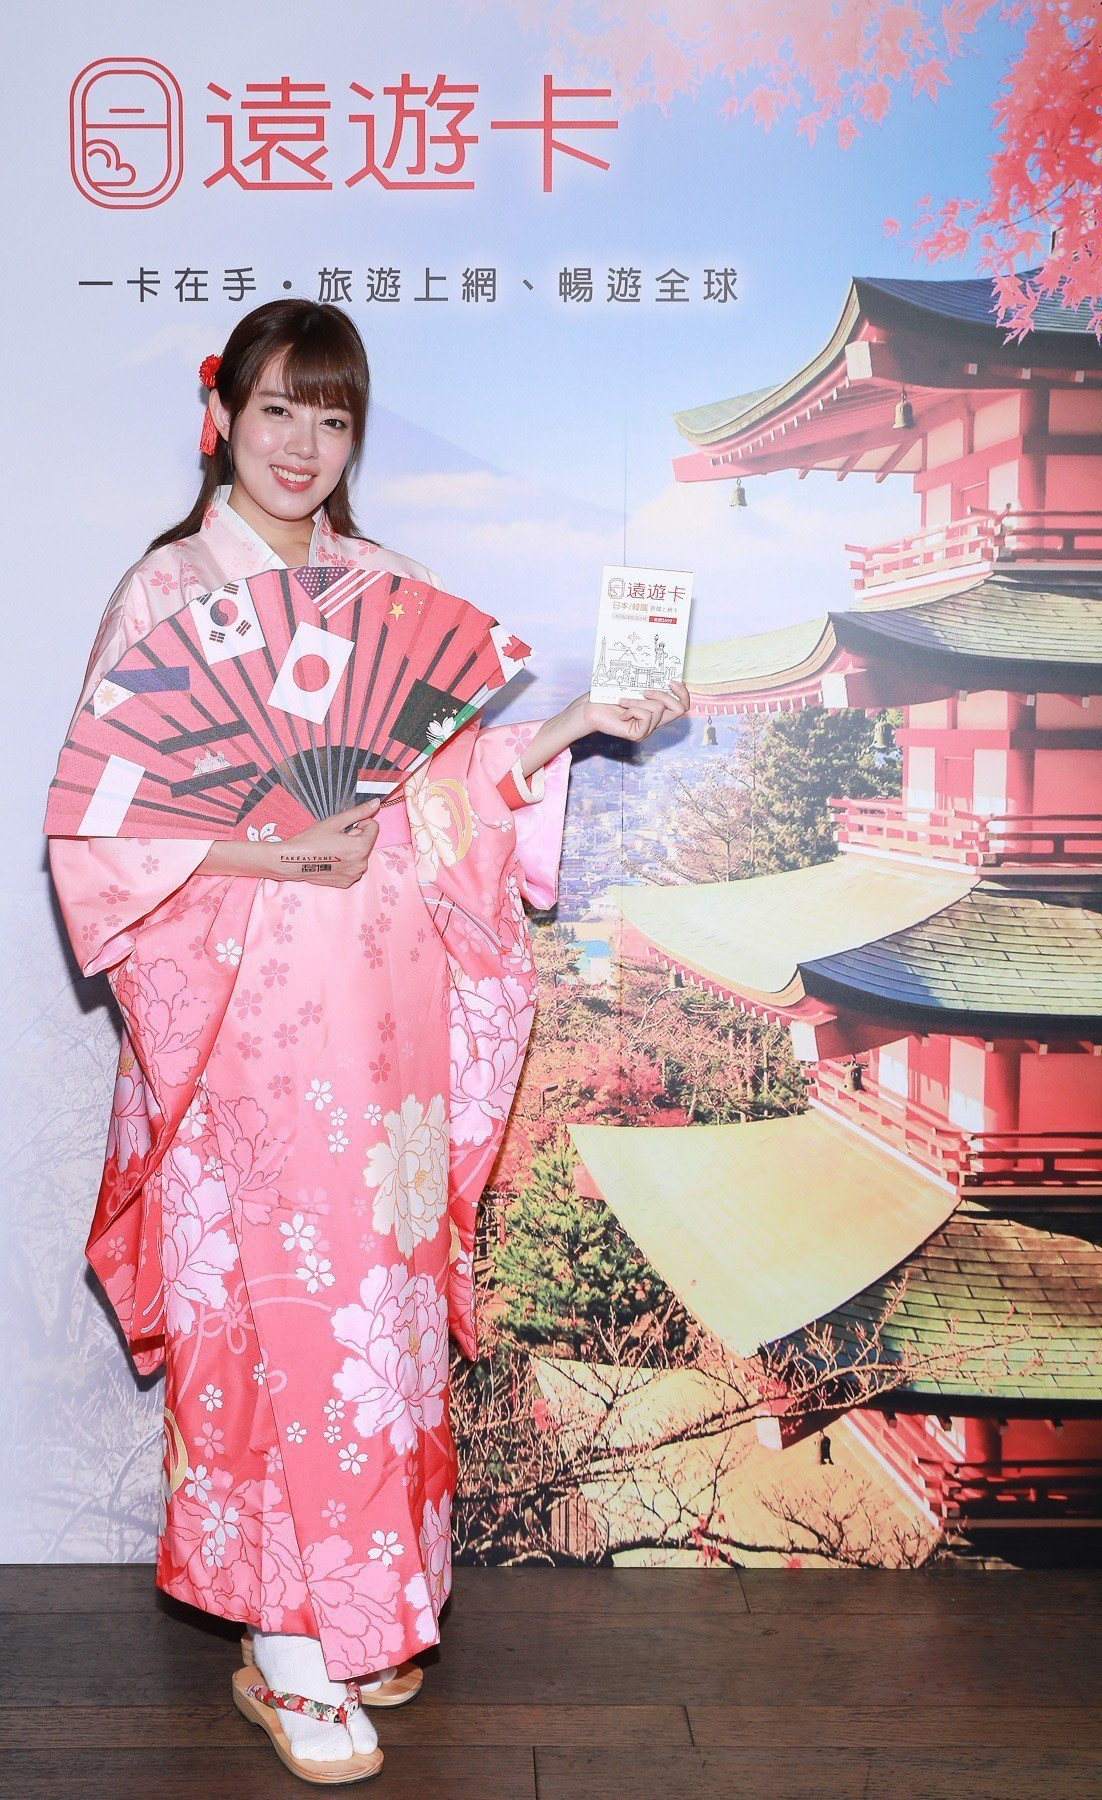 遠遊卡最新推出日本5日及8日不限速吃到飽產品,售價分別為499元及799元。圖/...